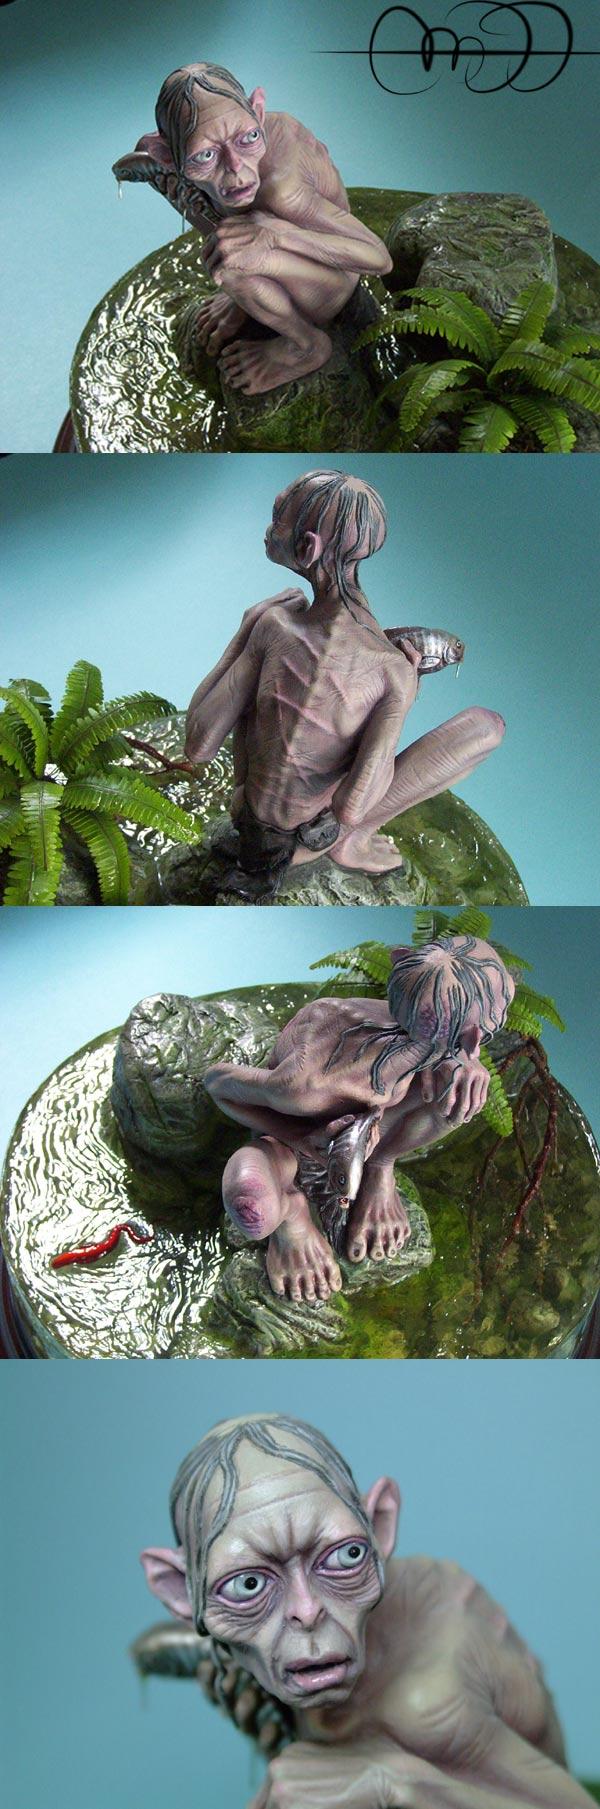 El estanque vedado (Gollum-Smeagol)